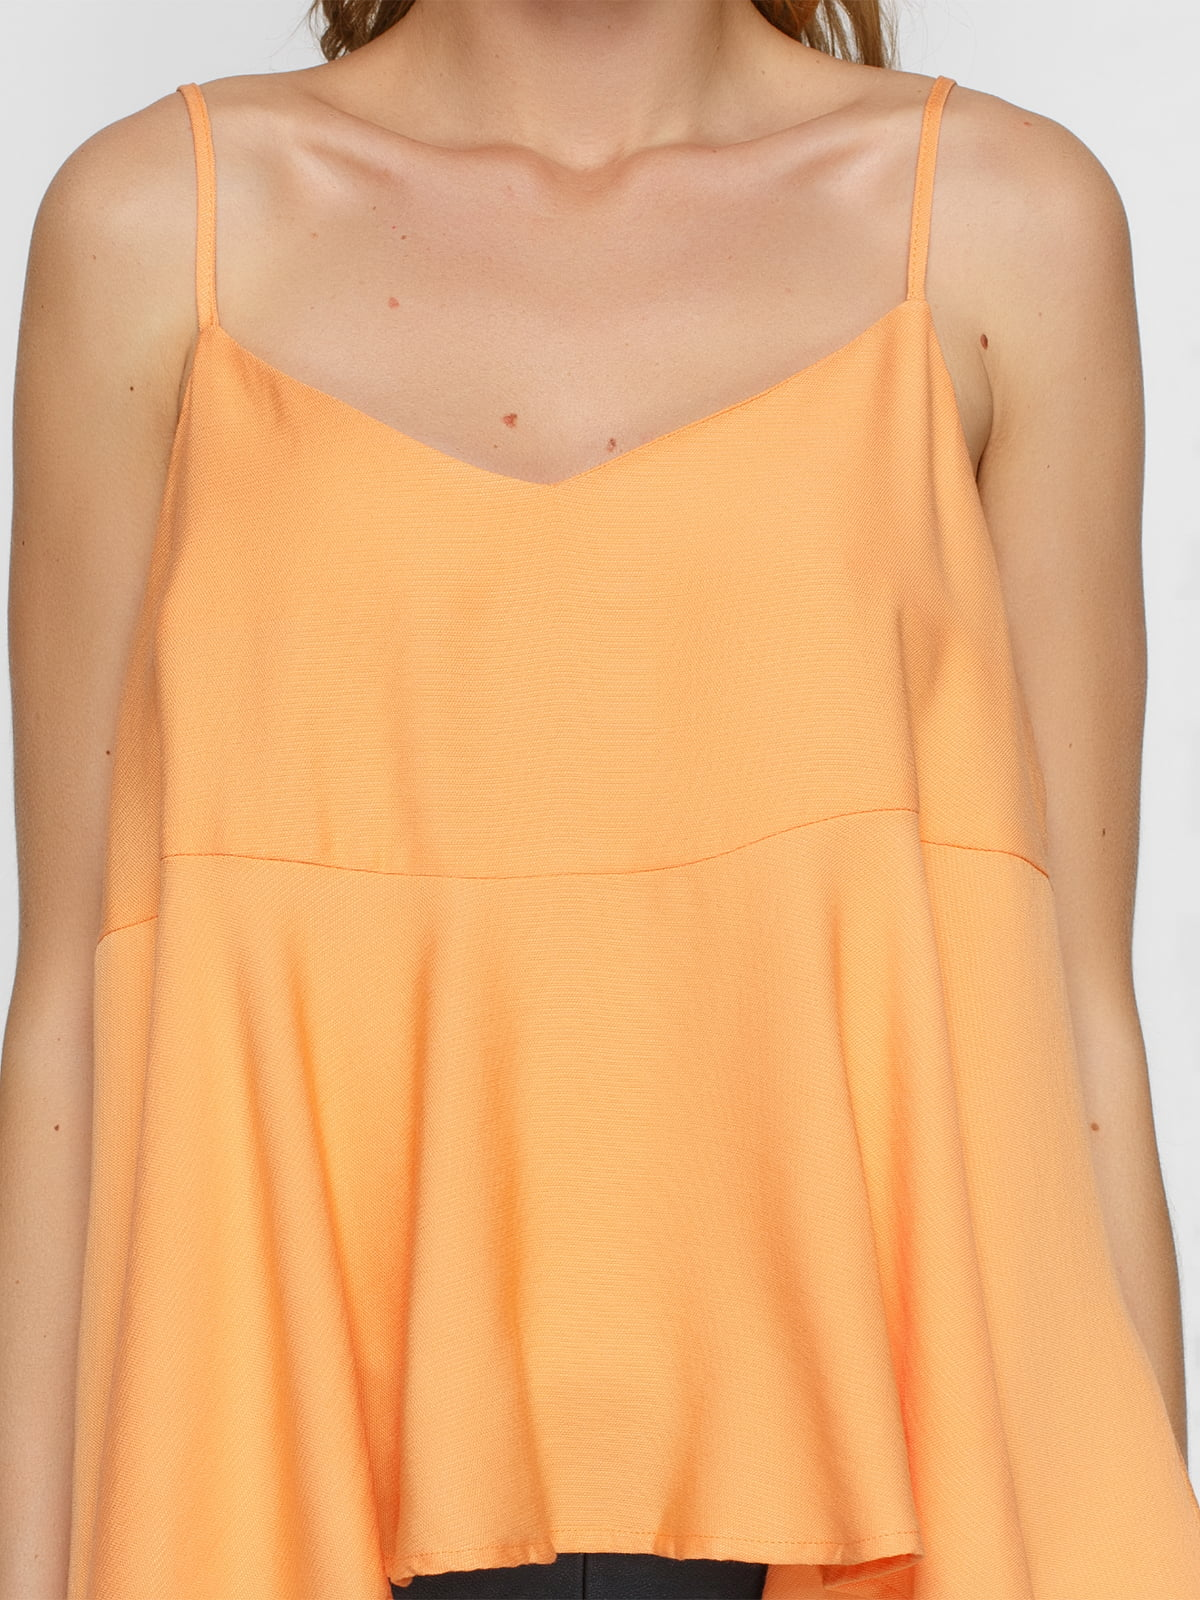 Майка оранжевая | 4625151 | фото 3